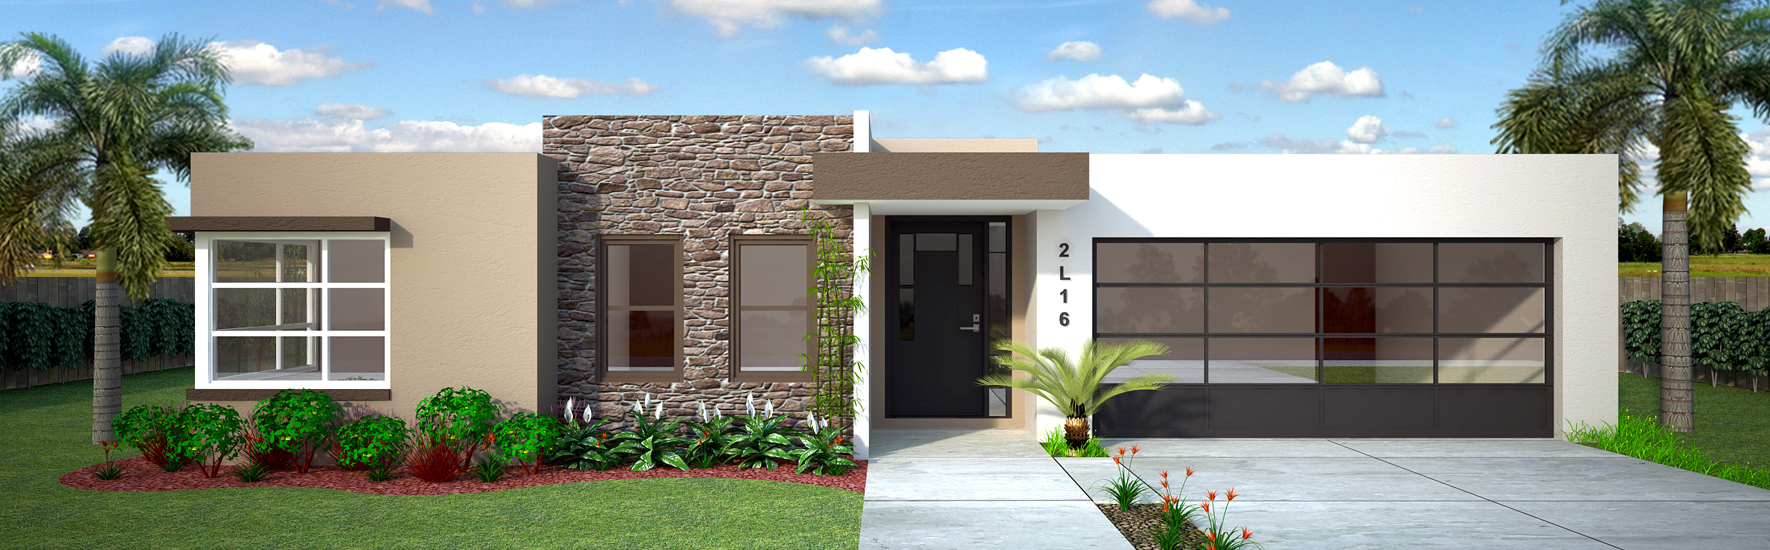 Casabella casas prefabricadas puerto rico todo for Casas modernas terreras